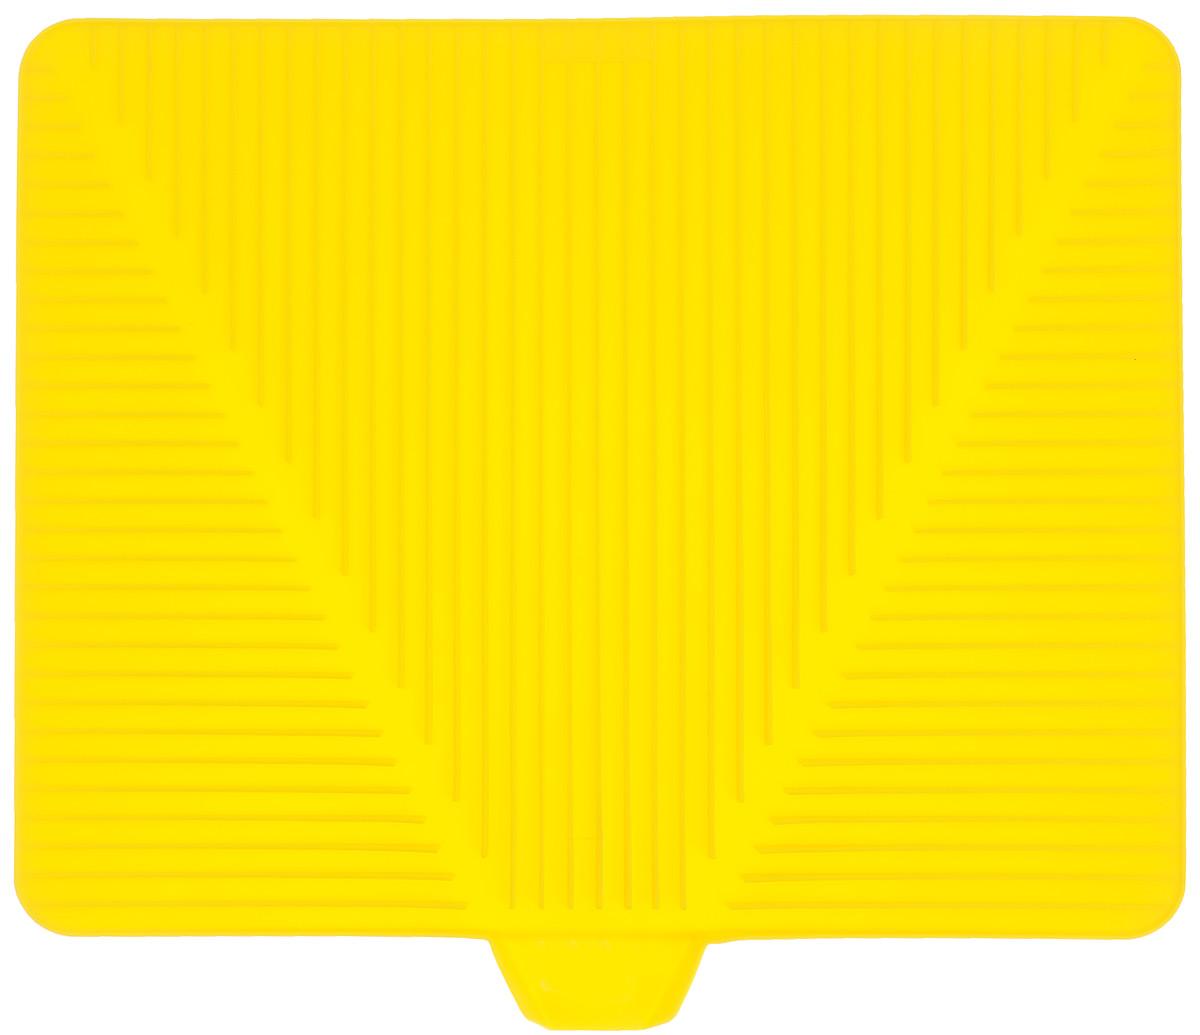 Сушилка для посуды Bodum Bistro, цвет: желтый, 38 х 30 смA11548-957-Y15Эластичная сушилка для посуды Bodum Bistro, выполненная из гибкого силикона, защитит кухонную столешницу от влаги. Благодаря ребристой поверхности, которая расположена под наклоном, вода стекает в одну сторону. Направьте боковой носик в раковину и вода будет стекать туда. Если рядом раковины нет, то используйте обратную сторону сушилки, которая будет просто собирать воду внутри. Ваша посуда высохнет быстрее, если после мойки вы поместите ее на легкую, современную сушилку. Сушилка для посуды Bodum Bistro станет незаменимым атрибутом на вашей кухне.